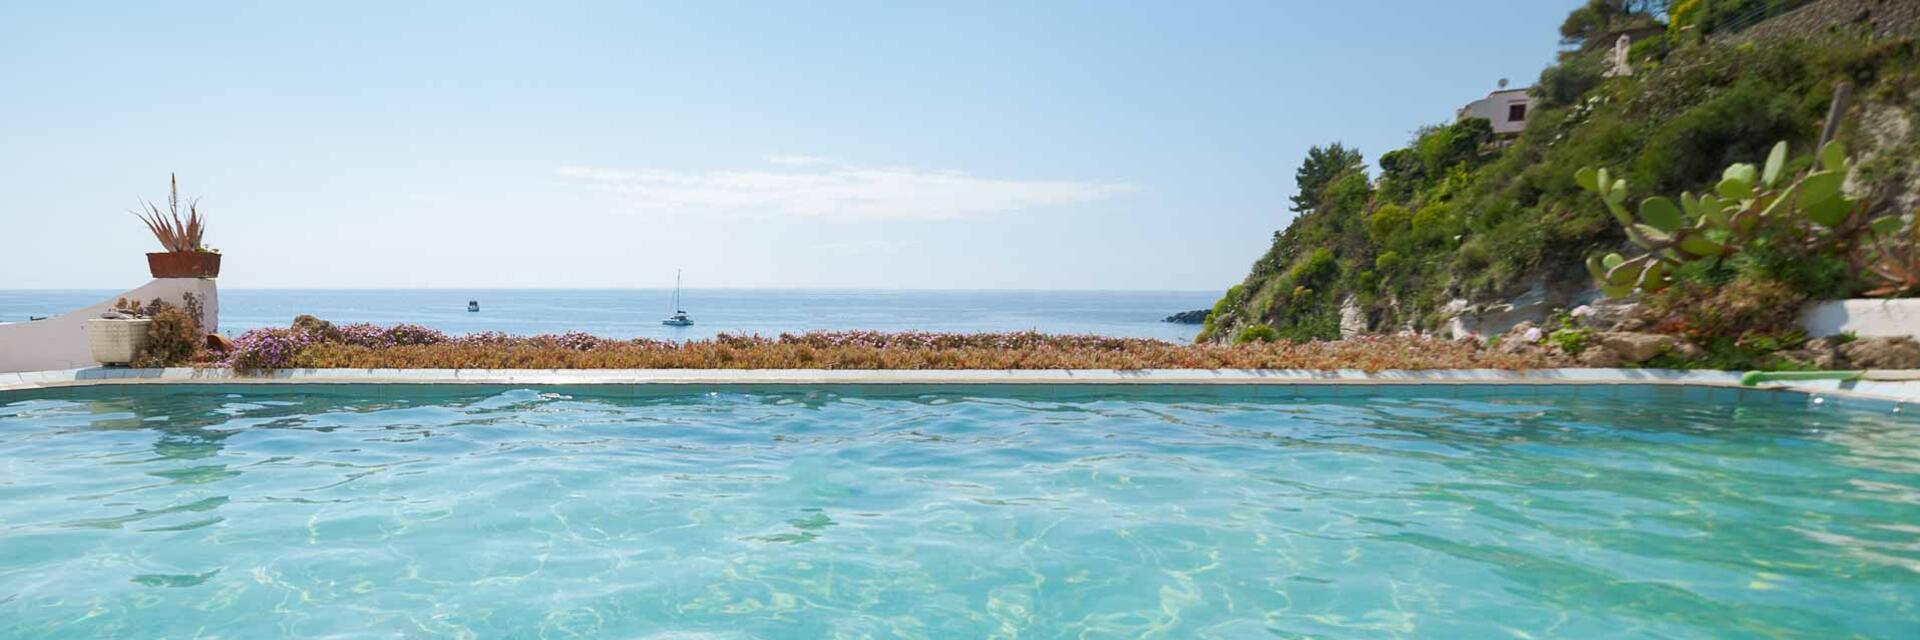 hotelcasarosaterme en pool 002